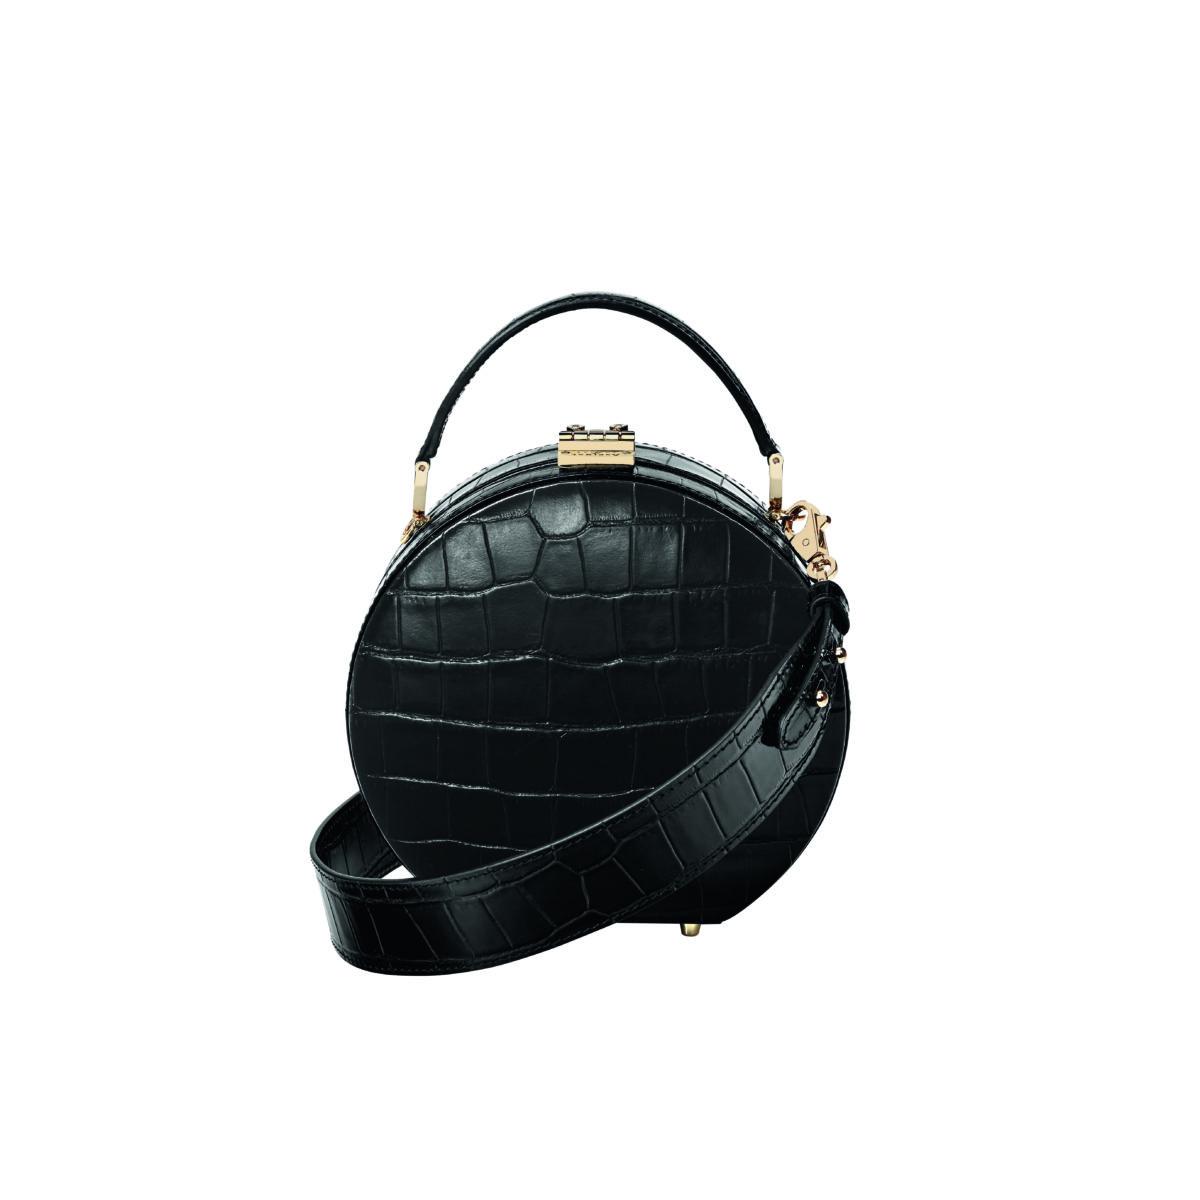 Hat Box Mini Black Croc - Aspinal SS18